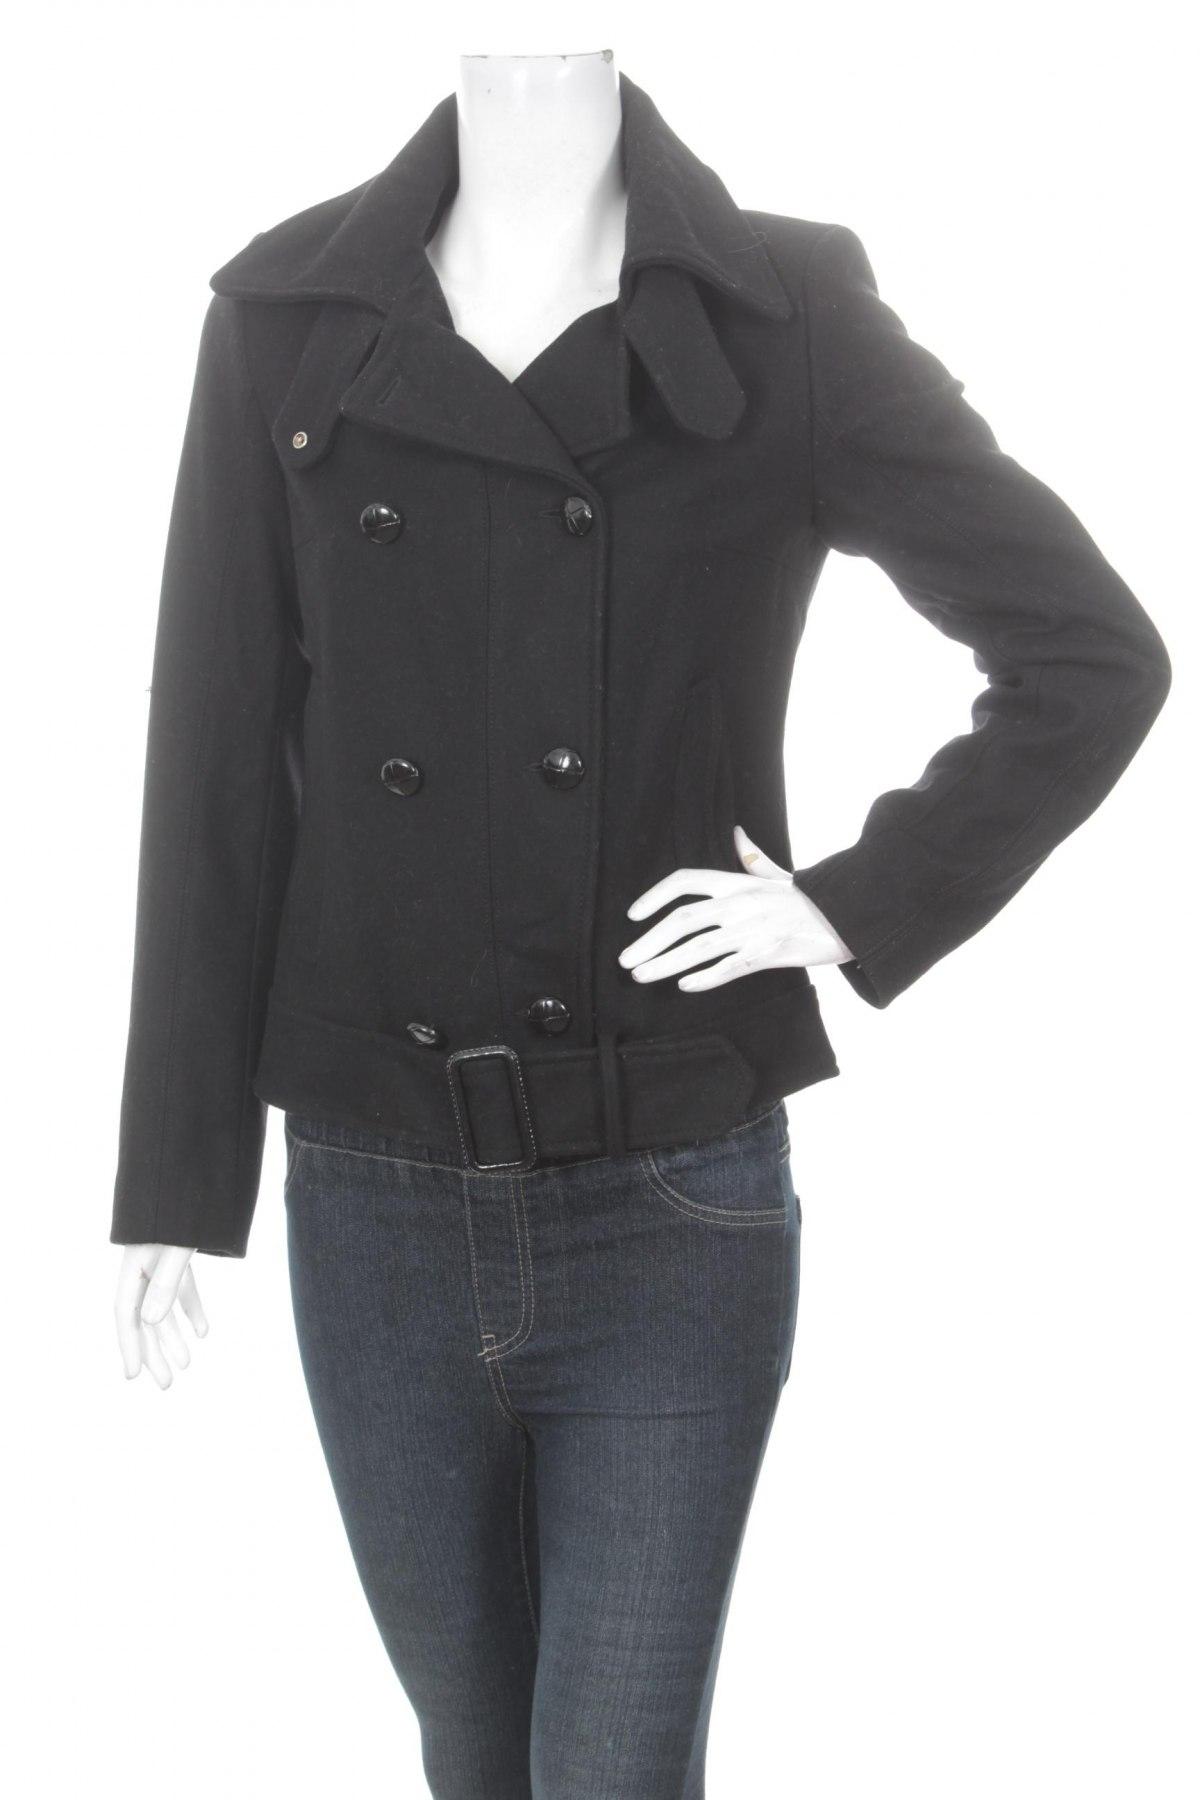 457fe515cfe Γυναικείο παλτό United Colors Of Benetton - σε συμφέρουσα τιμή στο ...